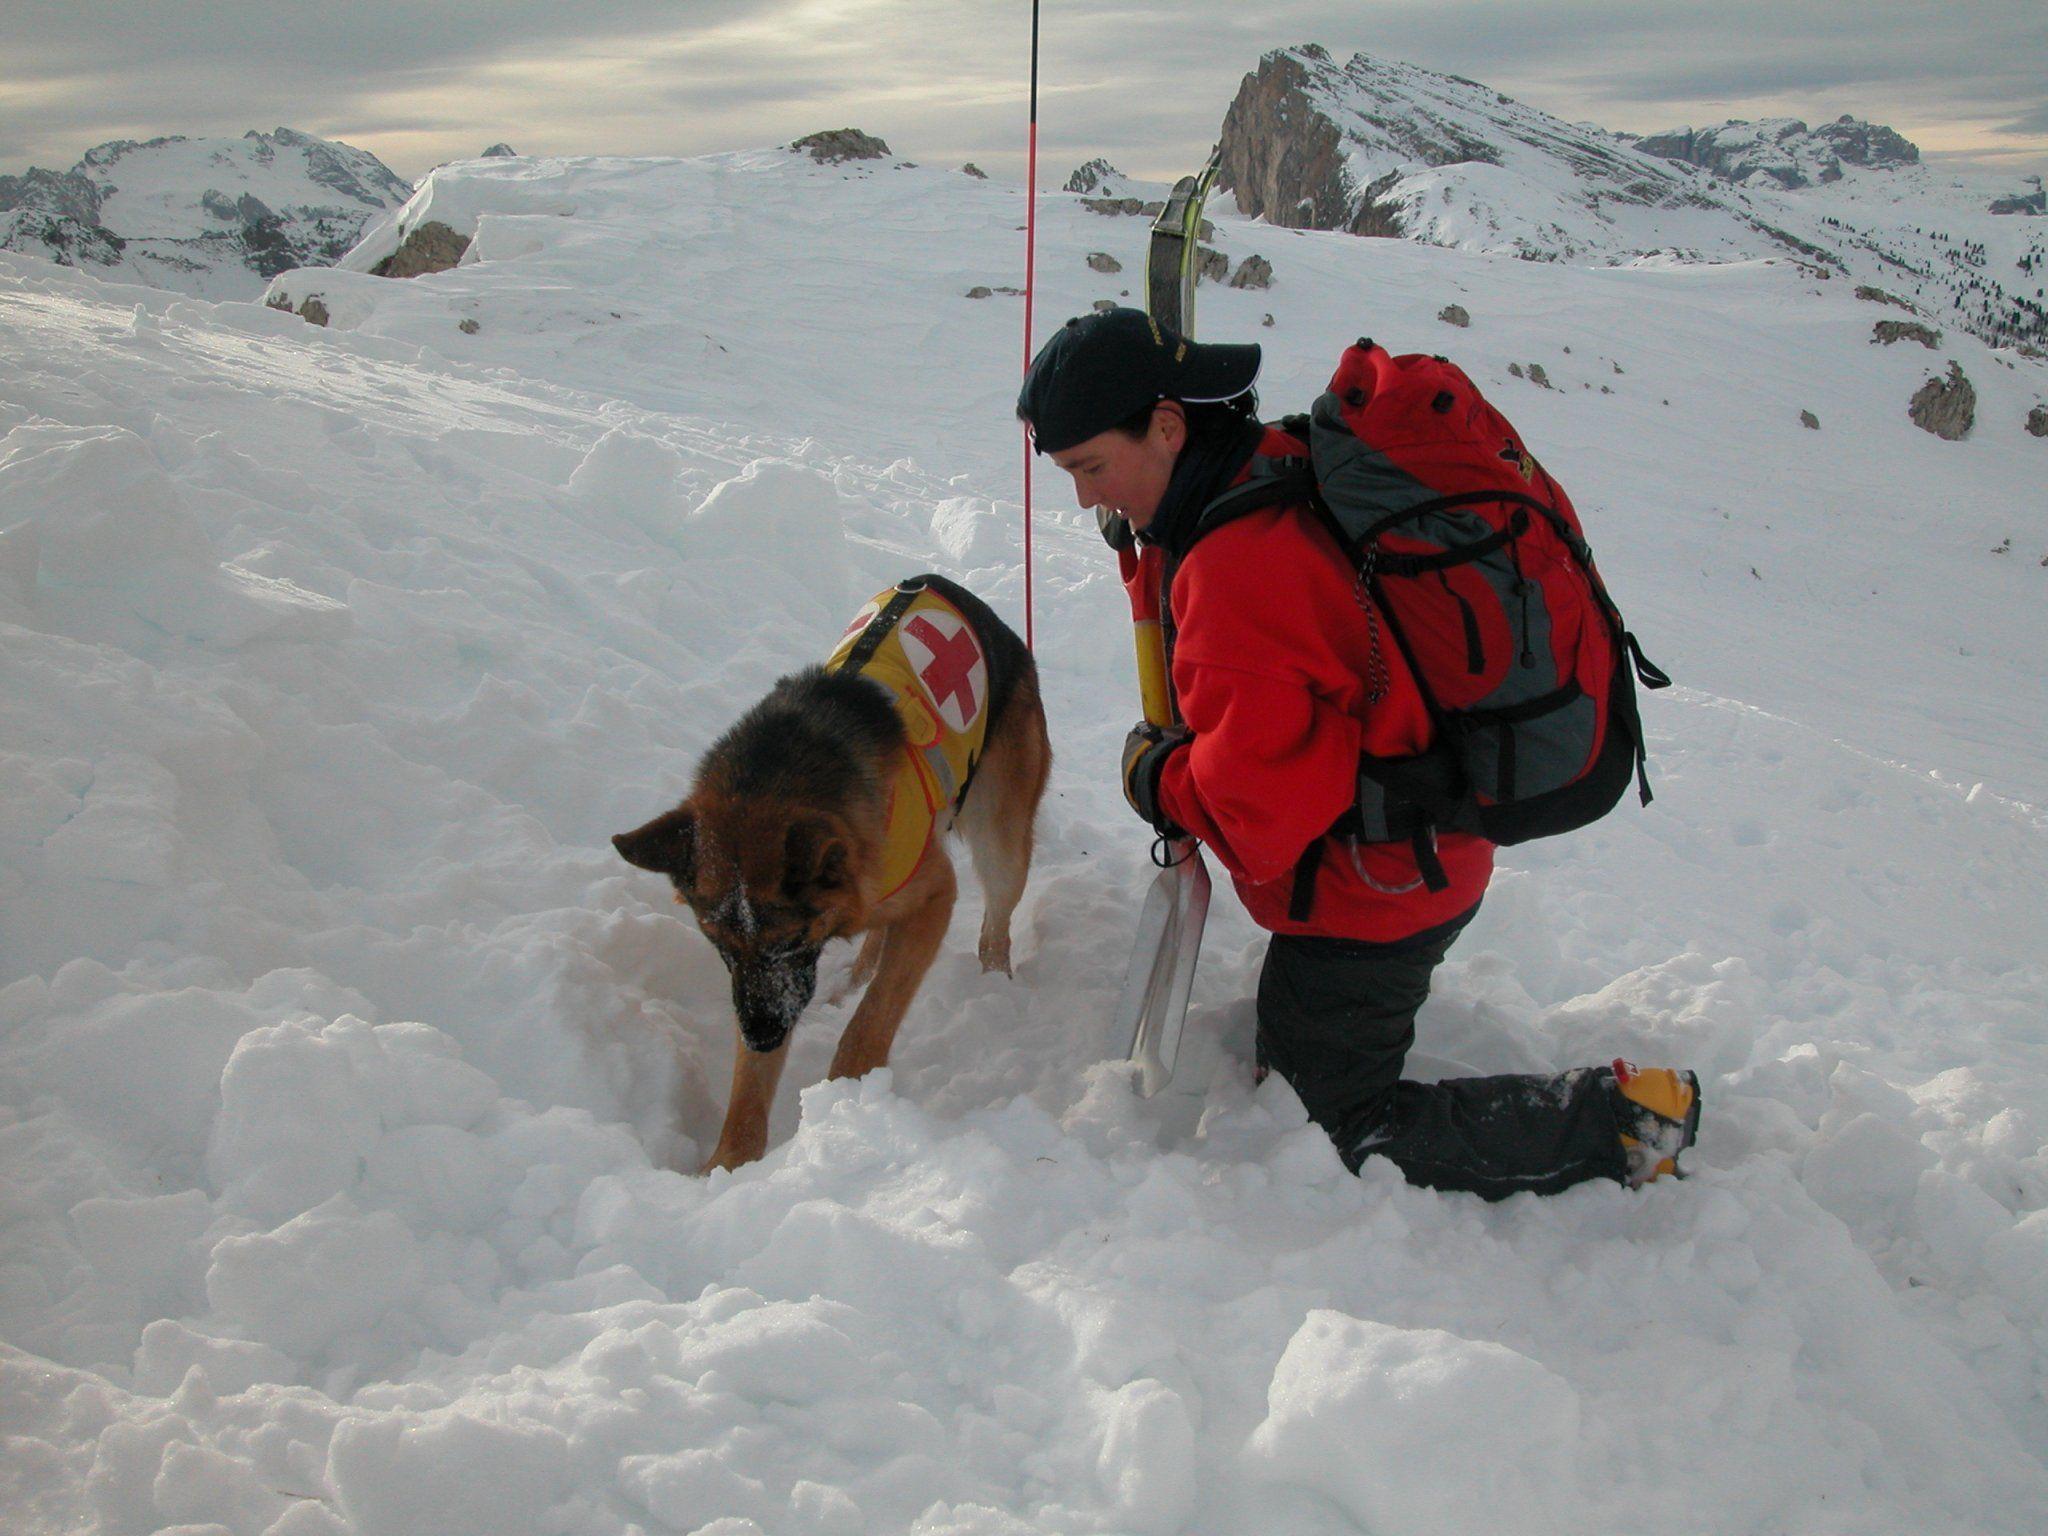 Die Rettungshunde haben unzähligen Lawinenopfern das Leben gerettet.